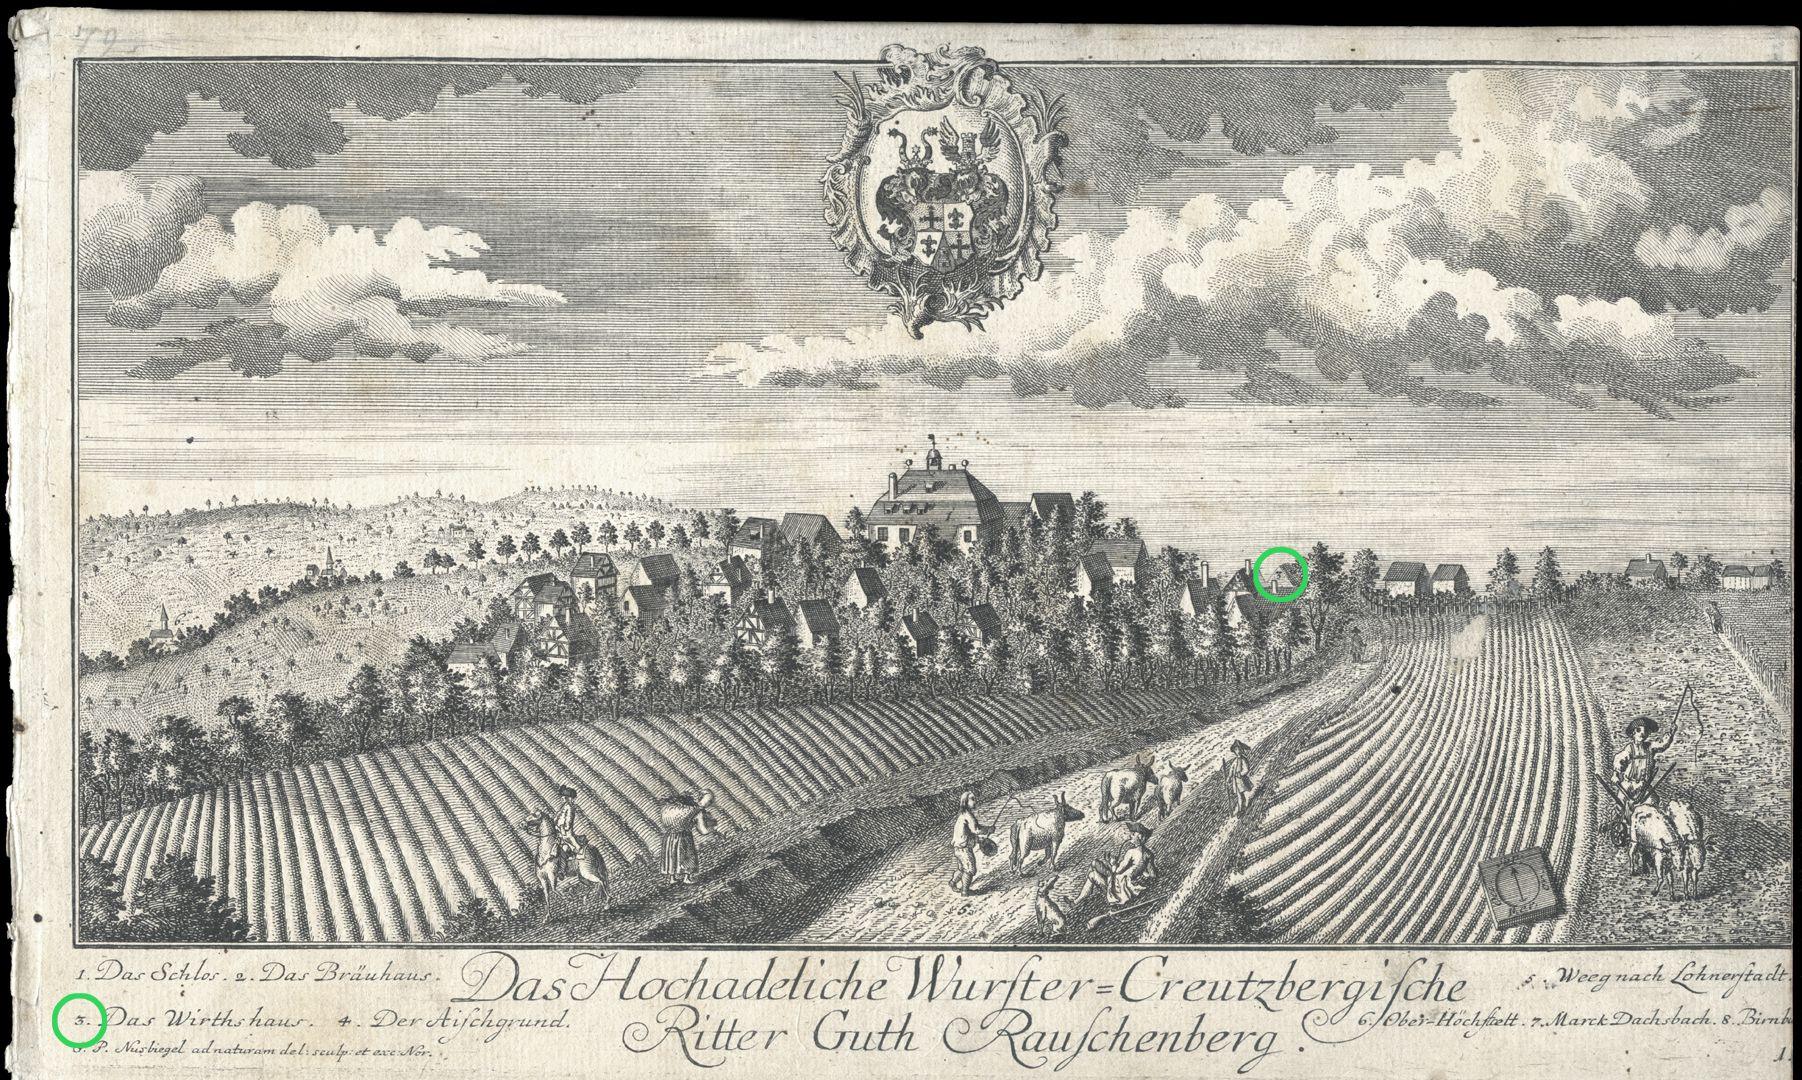 """Das Hochadeliche Wurster=Creutzbergische Ritter Guth Rauschenberg """"Das Wirthshaus"""""""